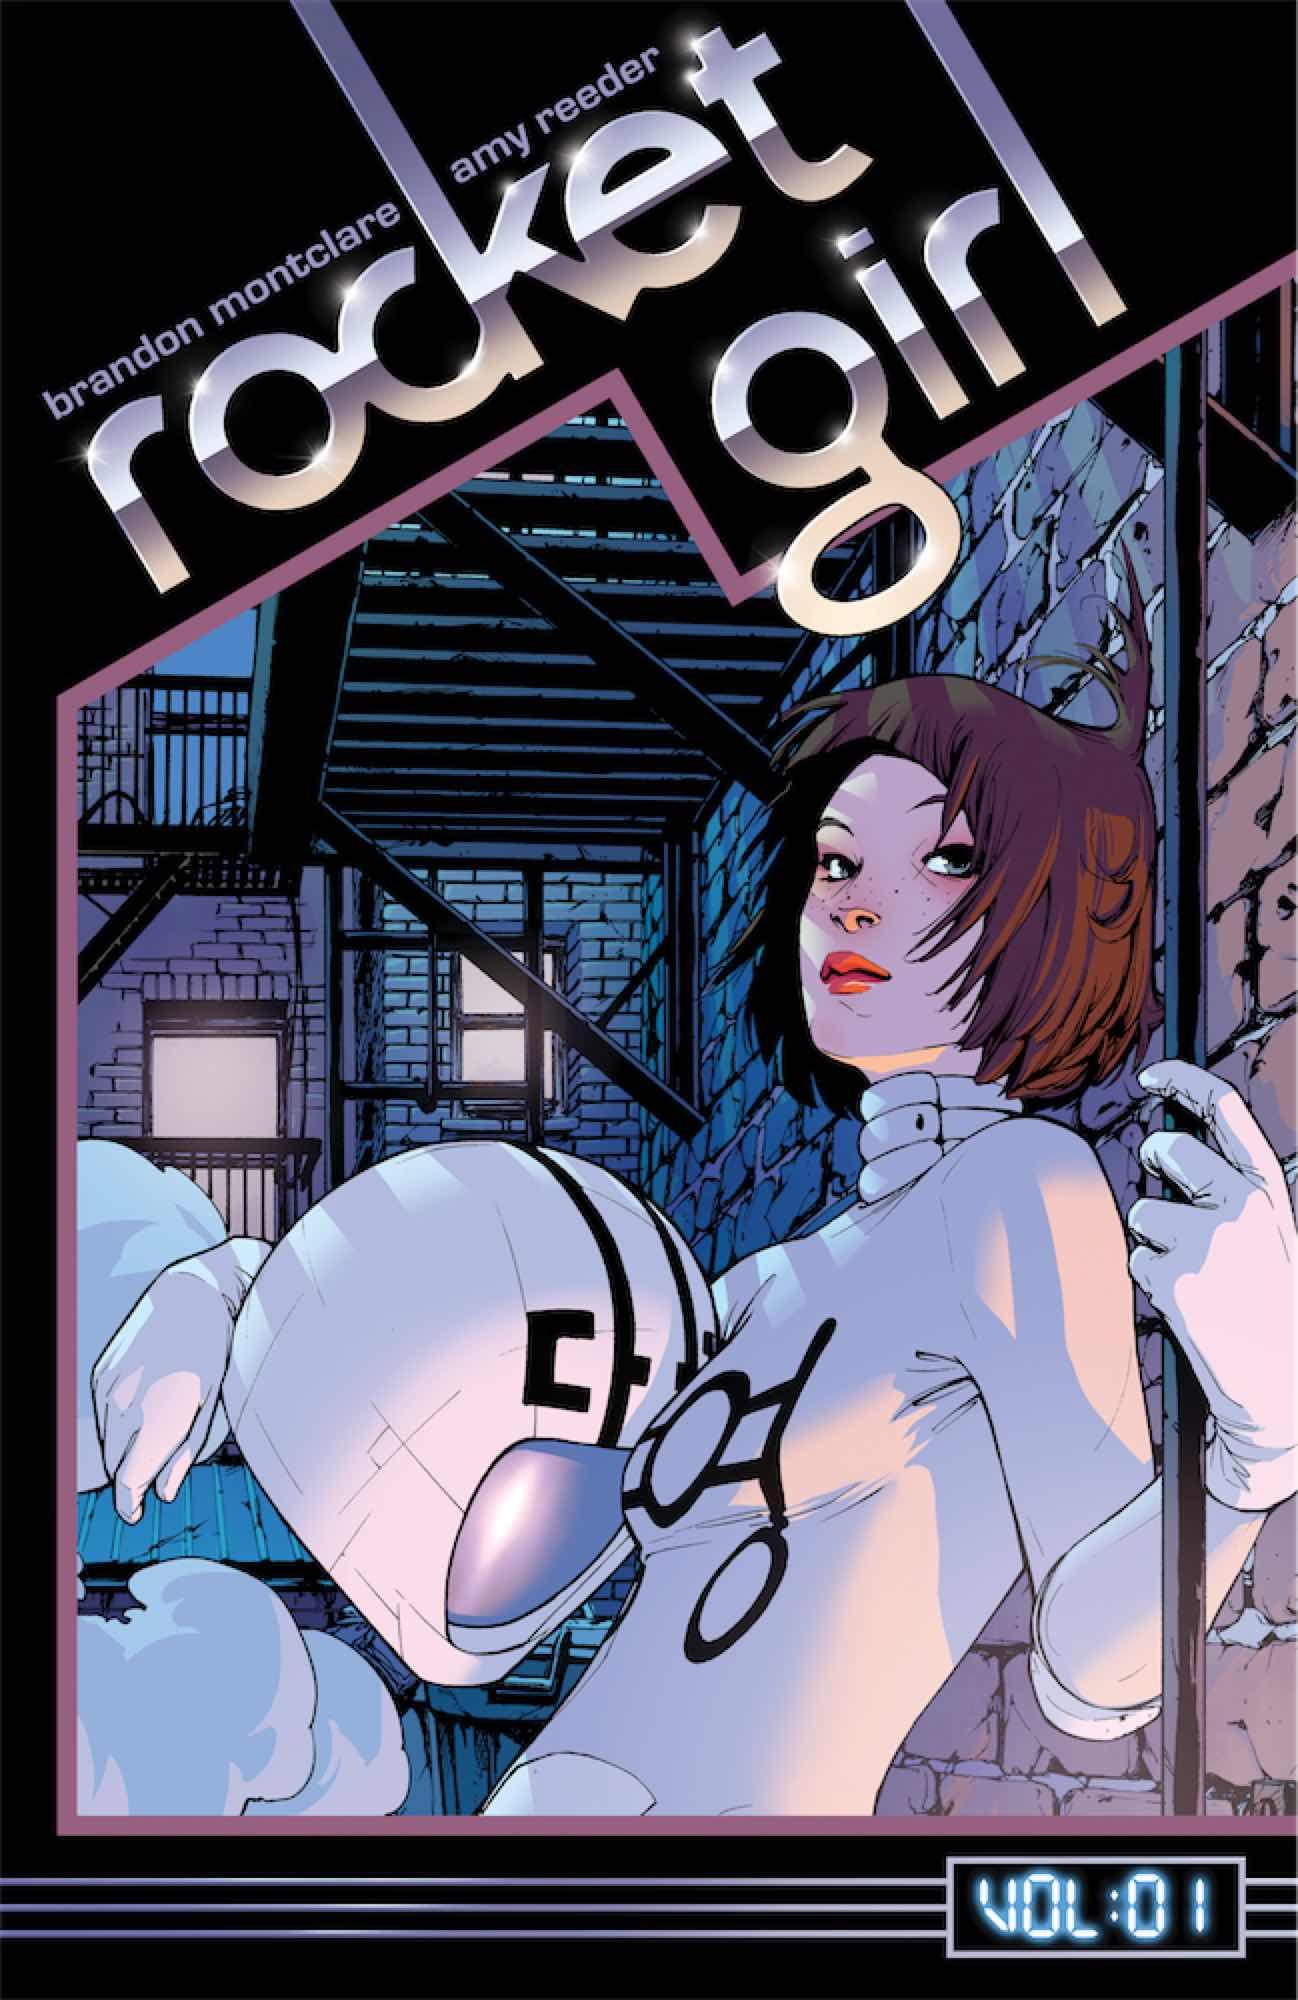 ROCKET GIRL 01. TIEMPOS AL CUADRADO